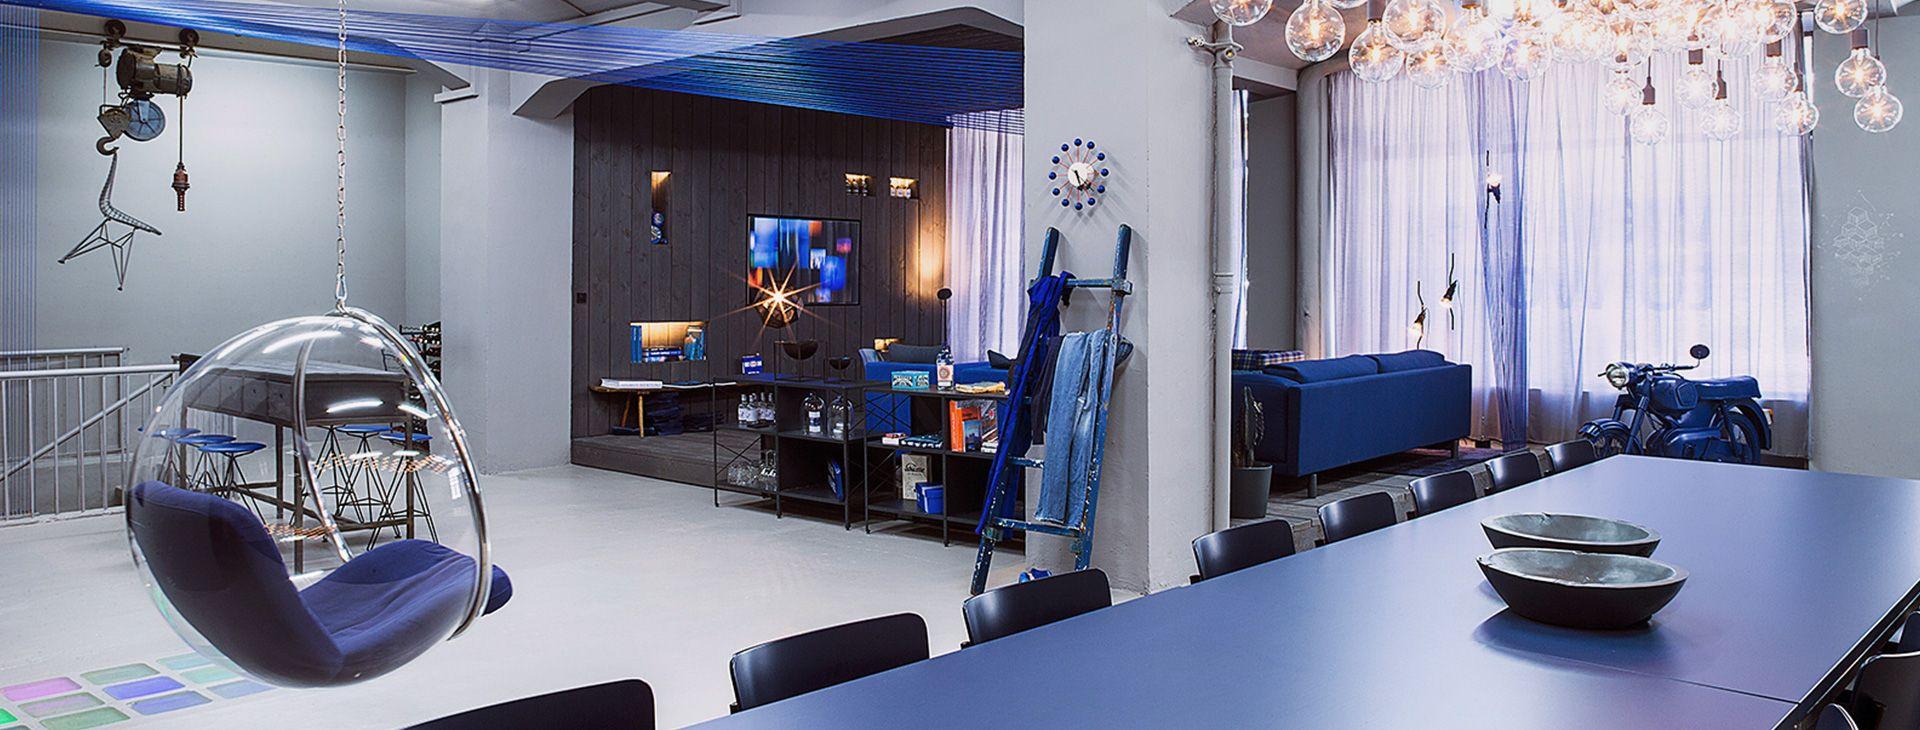 Punct Object Hamburg kreative konzentration | die blue room | places hamburg von punct